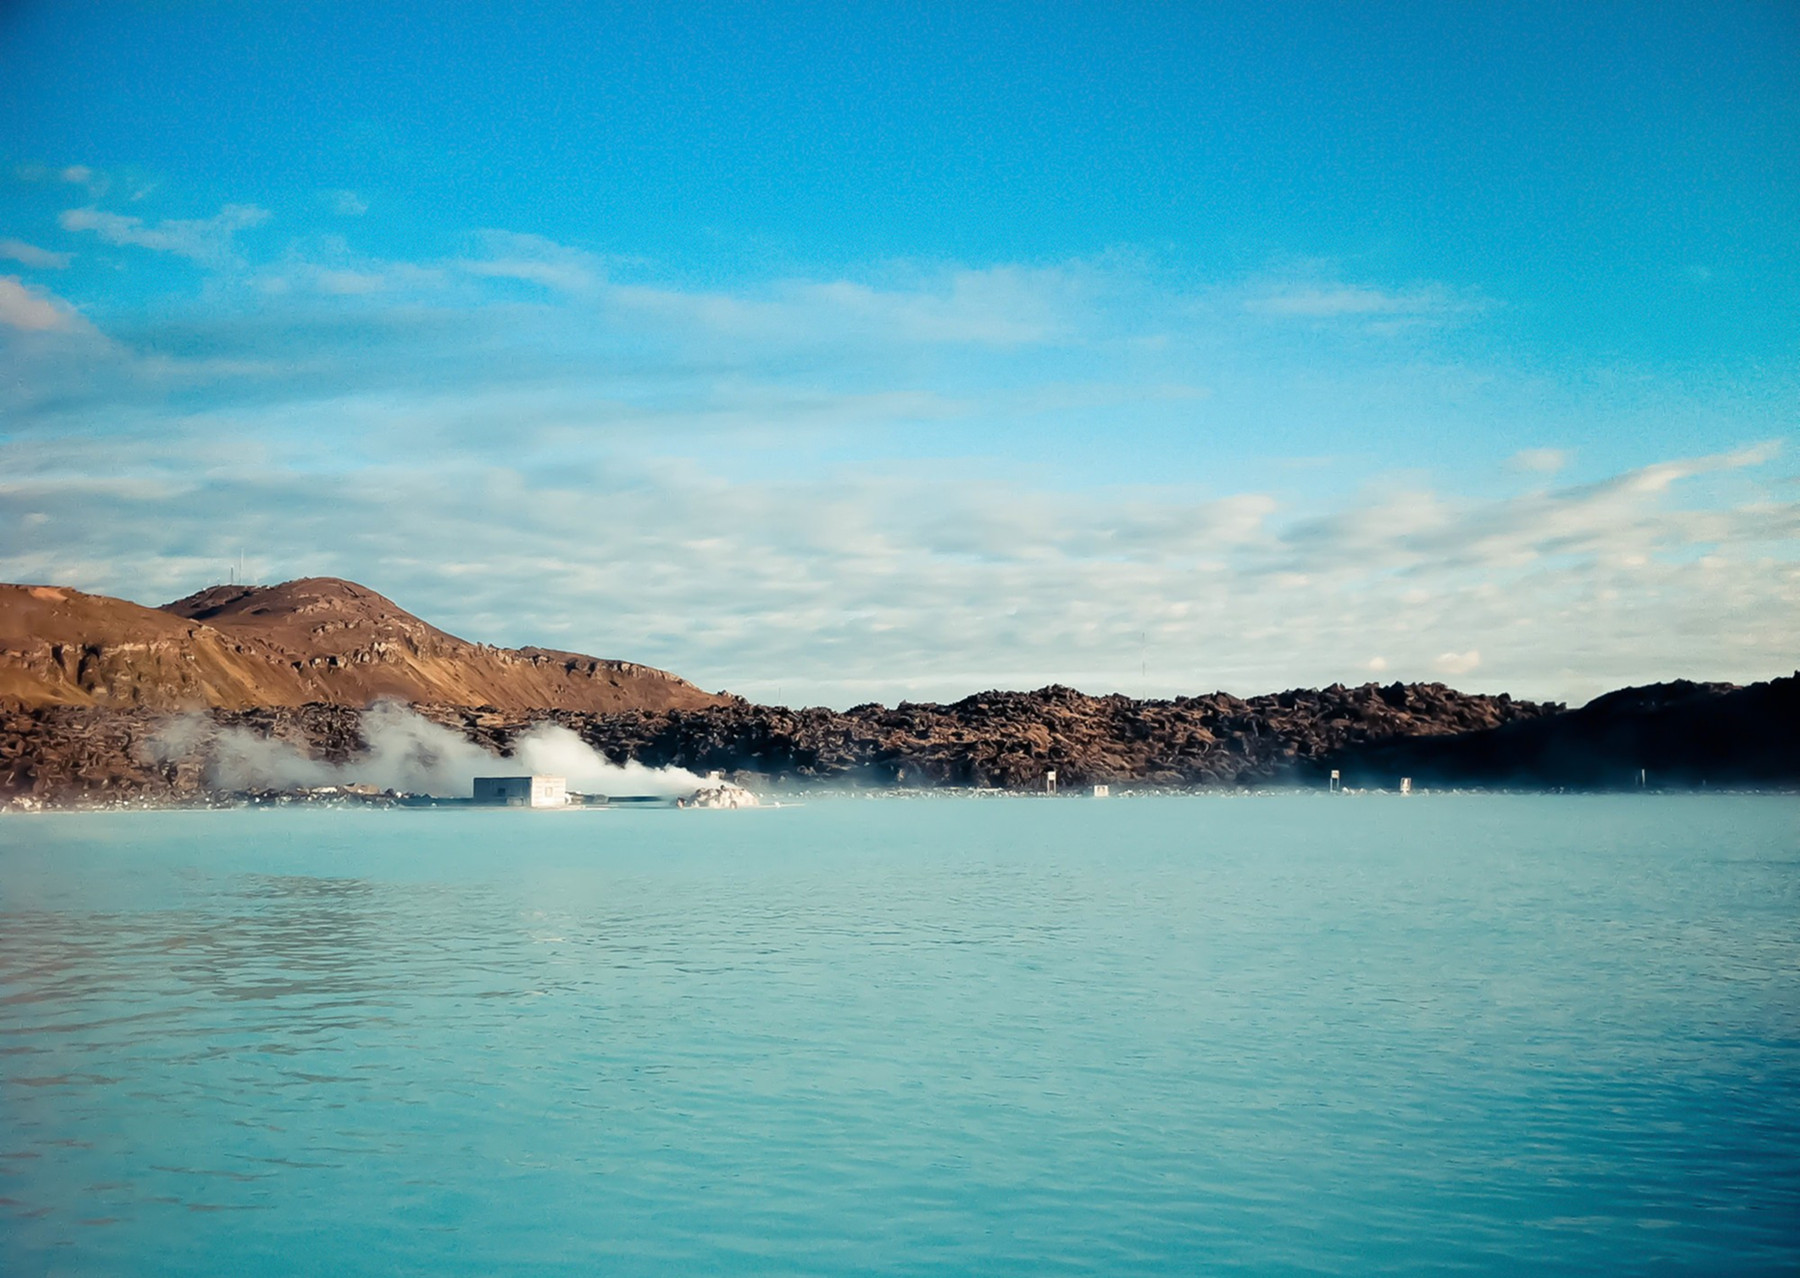 冰岛蓝湖温泉旅游